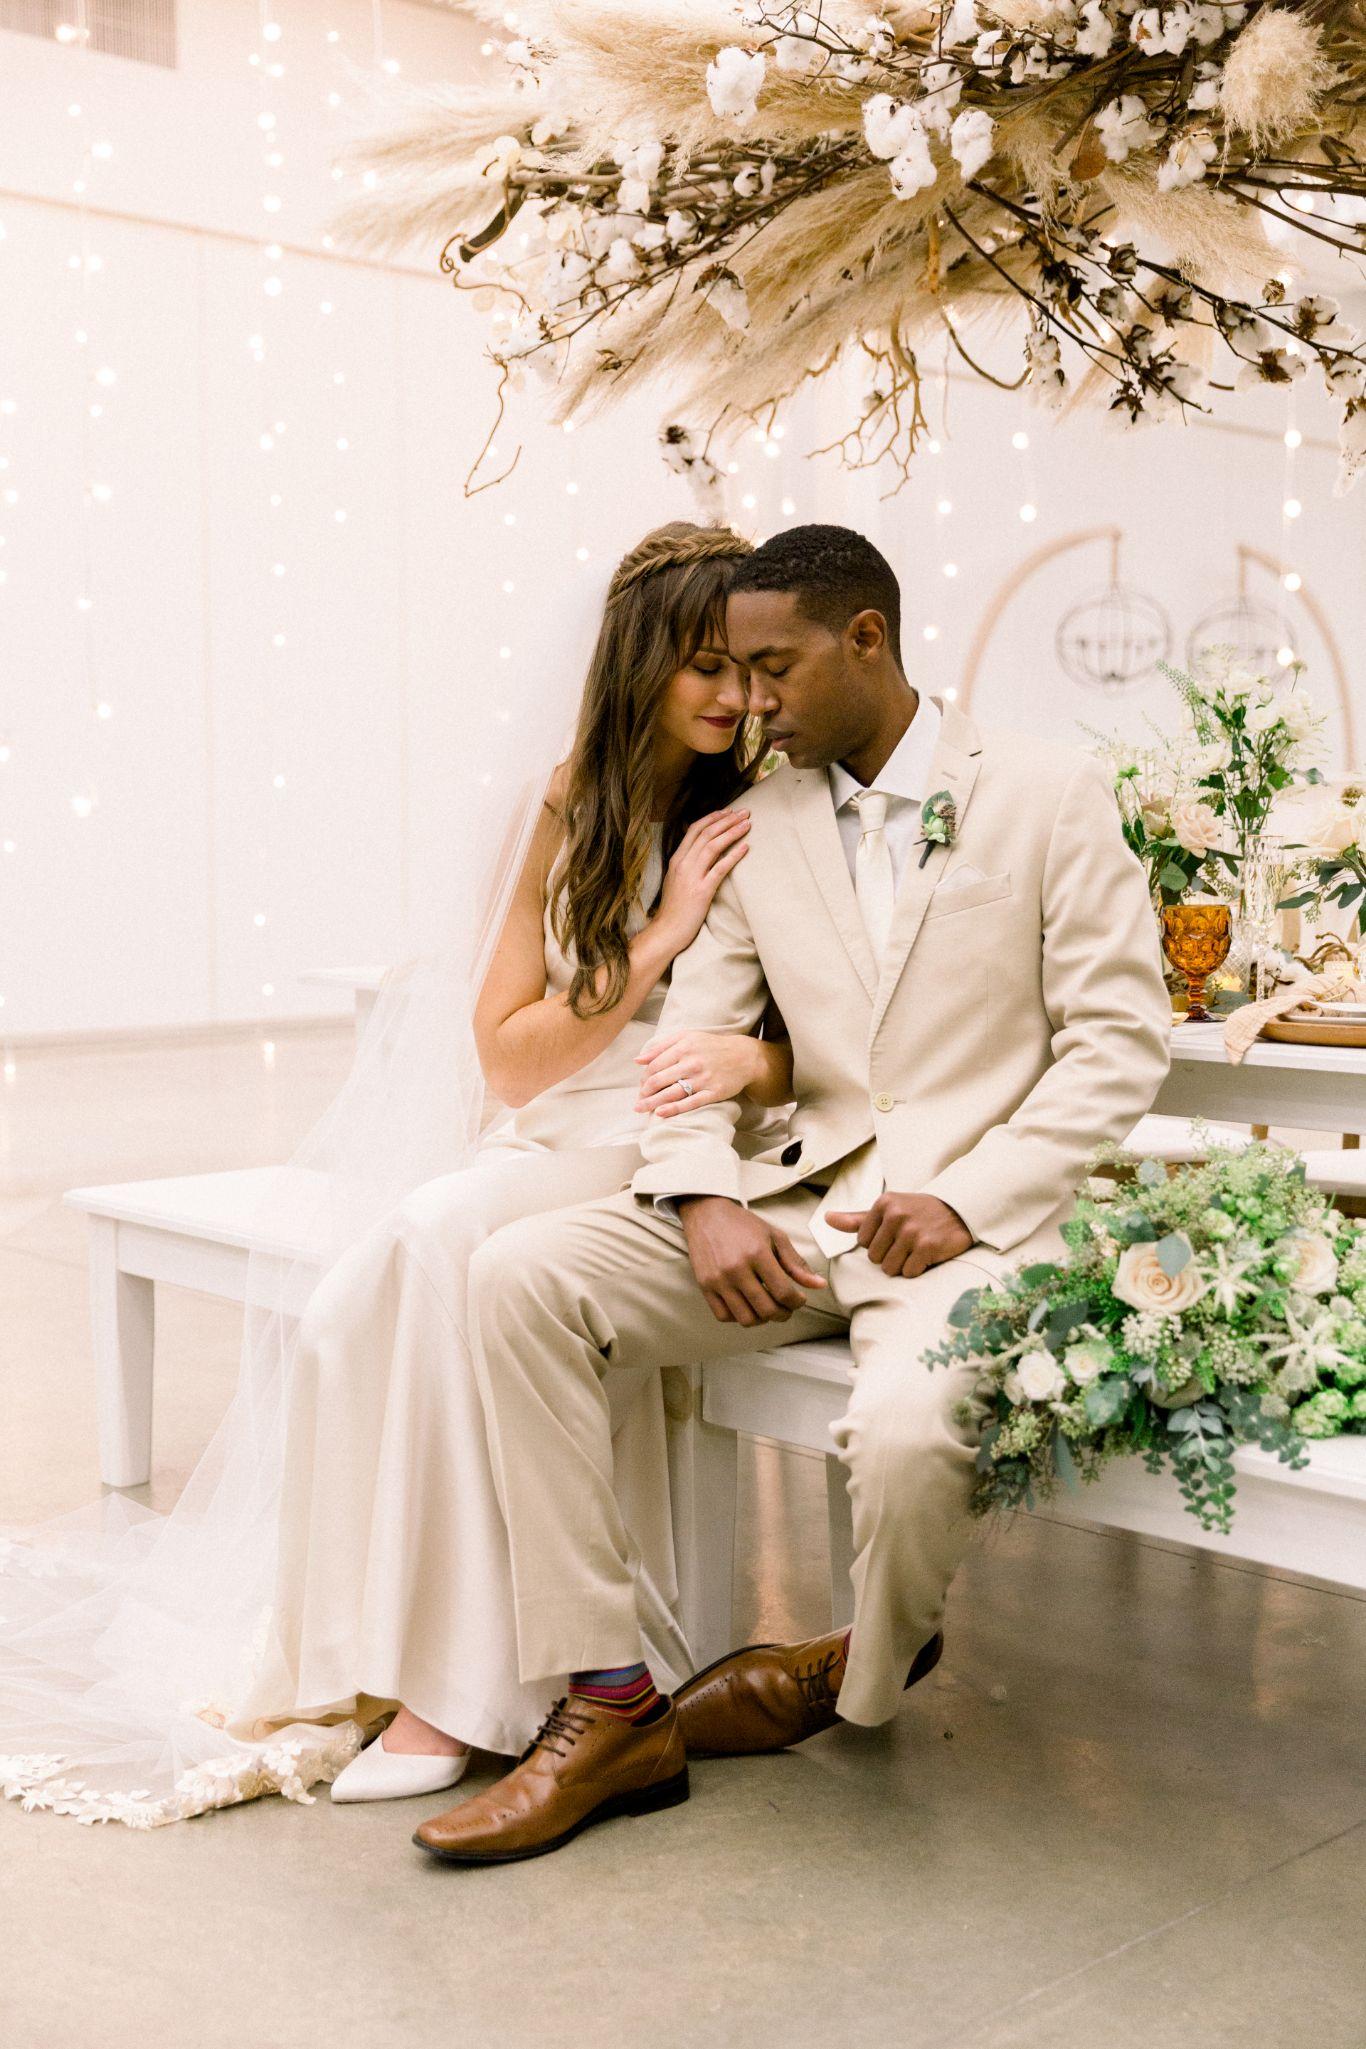 artists-for-humanity-industrial-bohemian-wedding-daylynn-designs289.jpg